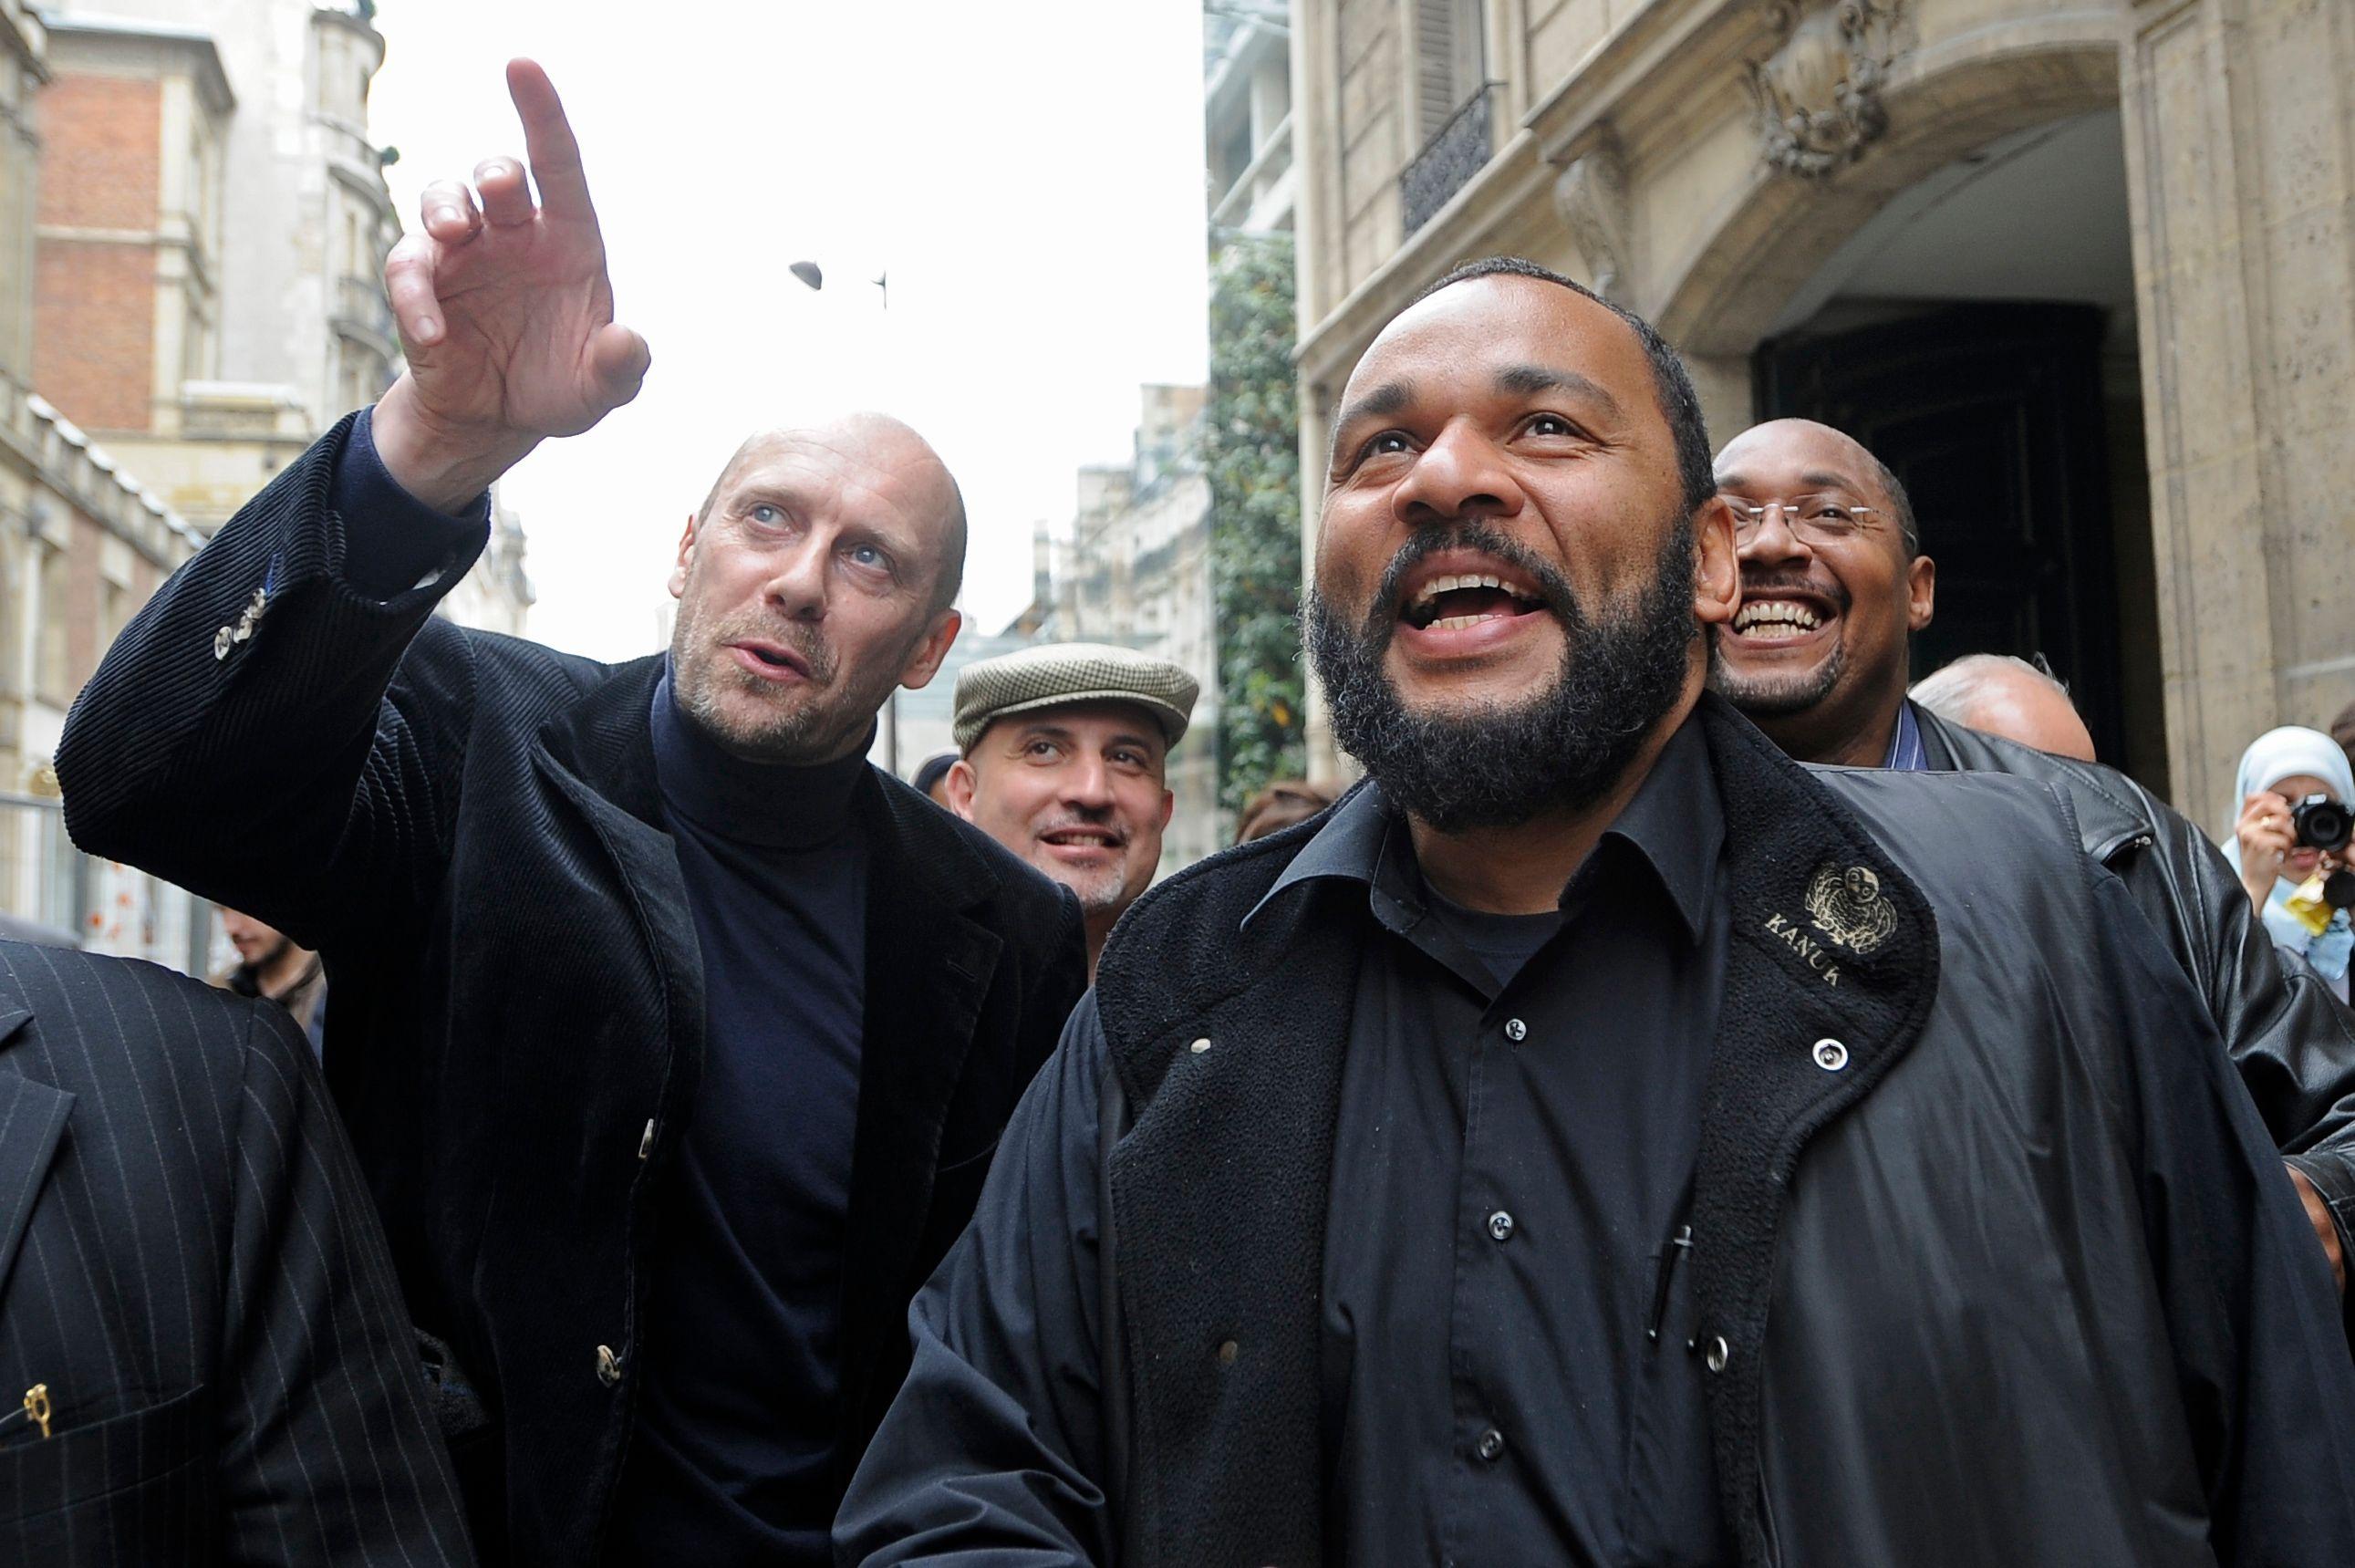 Dieudonné : son spectacle finalement autorisé à Nantes par le tribunal administratif, Valls saisit le Conseil d'Etat